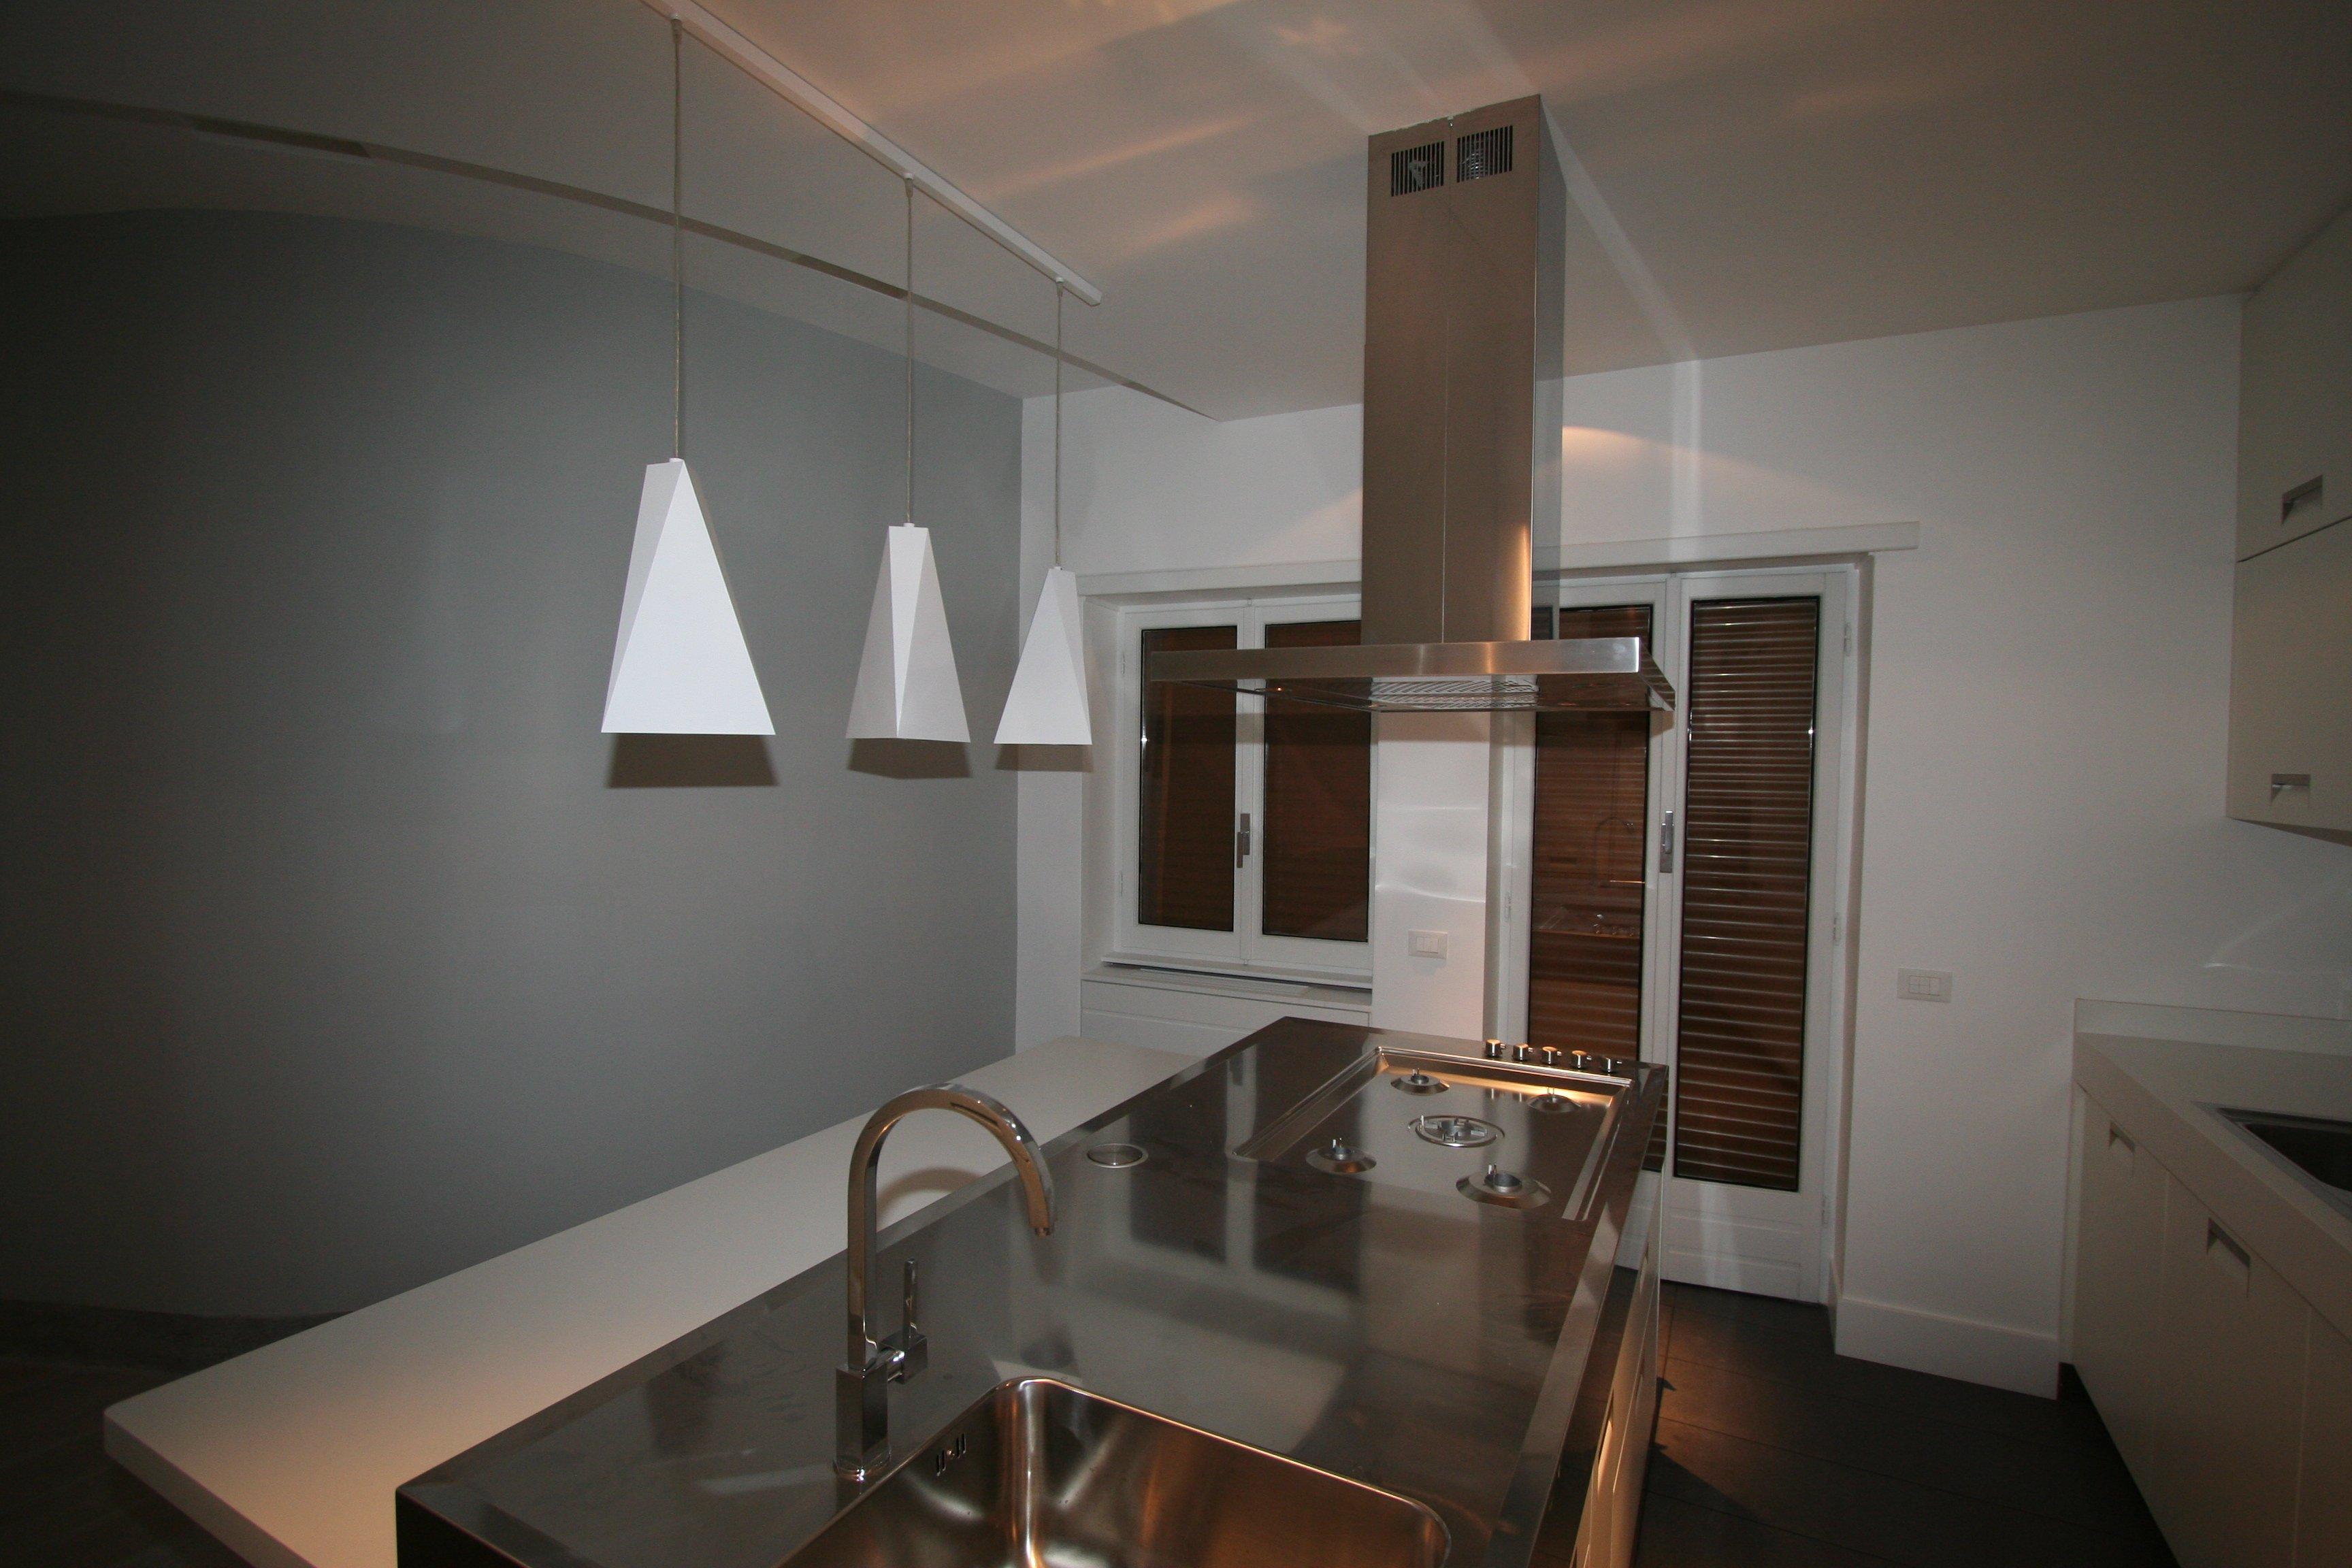 Image: cucina foto 7 vista impianto di aspirazione